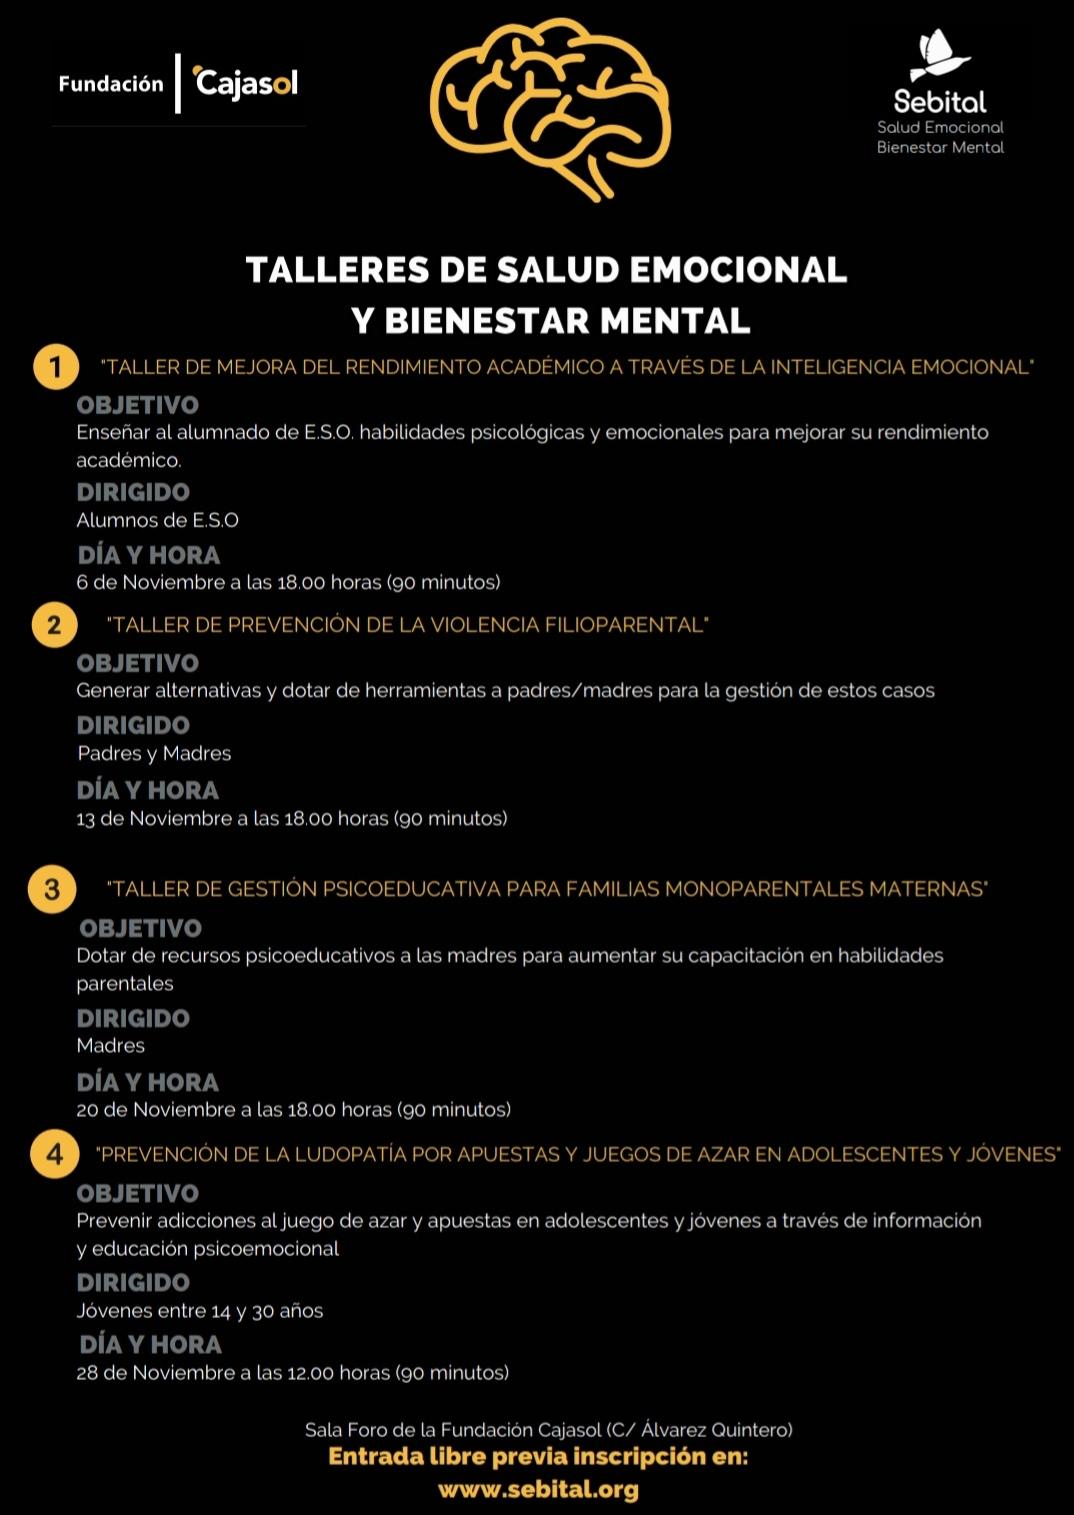 Sebital realiza Talleres de Salud Emocional y Bienestar Mental con la colaboración de la Fundación Cajasol